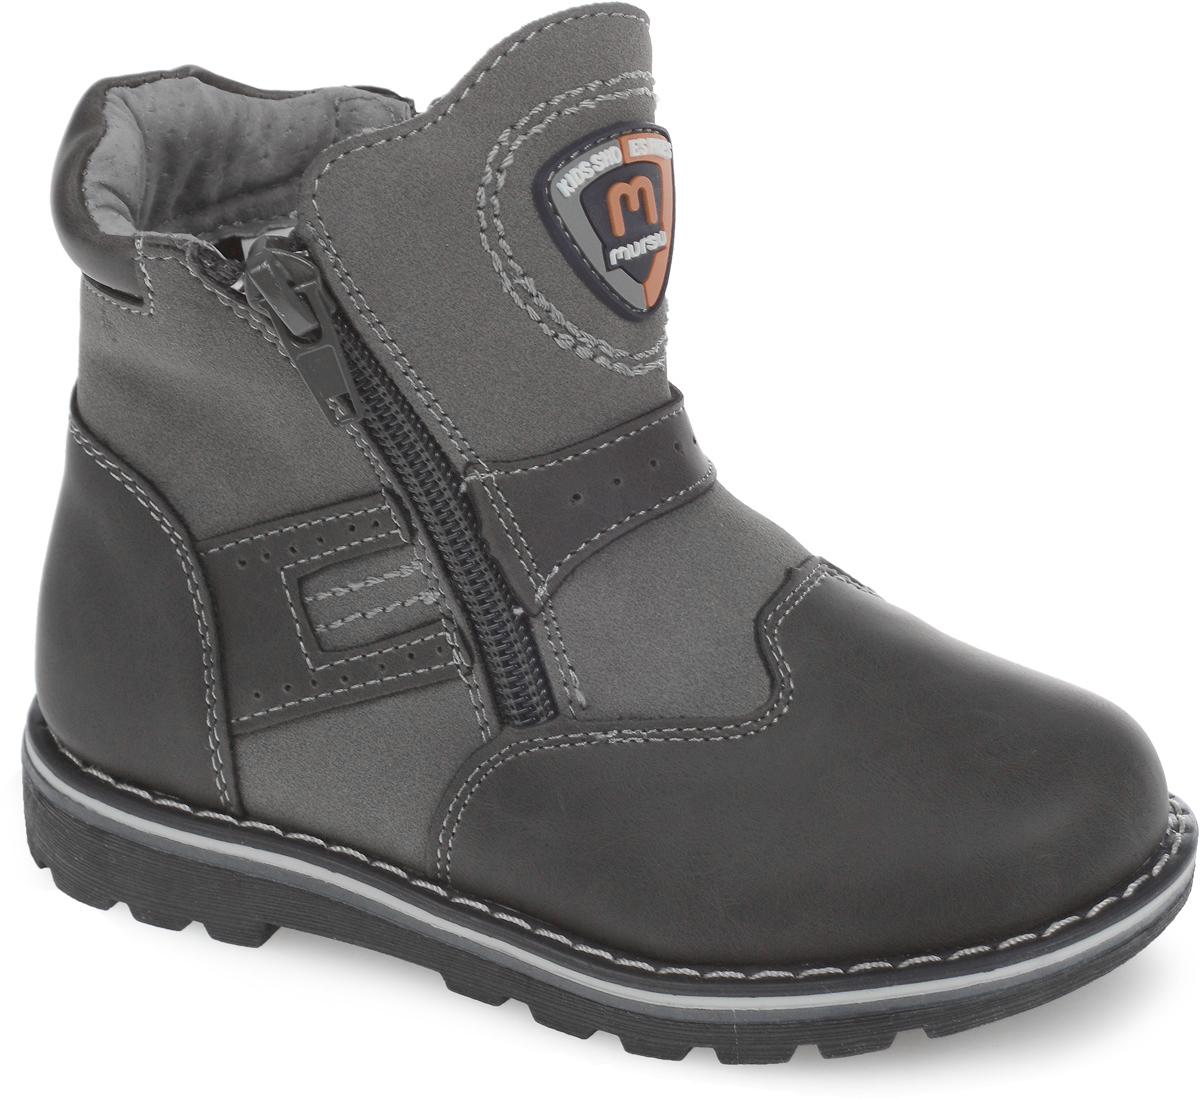 Ботинки для мальчика. 200112200112Модные утепленные ботинки от Mursu согреют ноги вашего мальчика в холодную погоду. Ботинки, выполненные из натуральной кожи, оформлены контрастной прострочкой и фирменной нашивкой, по бокам и на подъеме - декоративной перфорацией, вдоль ранта - крупной прострочкой. Подкладка и стелька из шерсти не дадут ногам замерзнуть. Застежки-молнии, расположенные по бокам, позволяют легко снимать и надевать модель. Подошва с протектором обеспечивает отличное сцепление с любой поверхностью. Стильные ботинки - незаменимая вещь в гардеробе каждого мальчика!